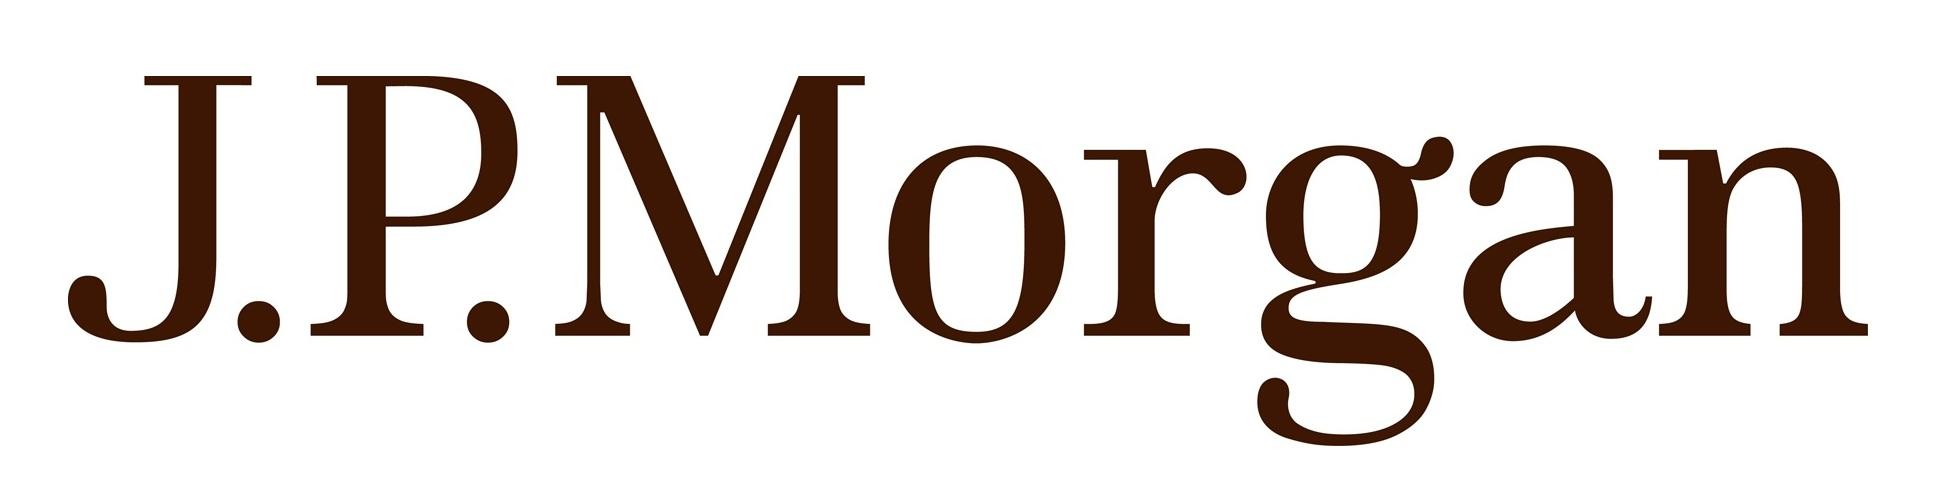 JP-Morgan1.jpg